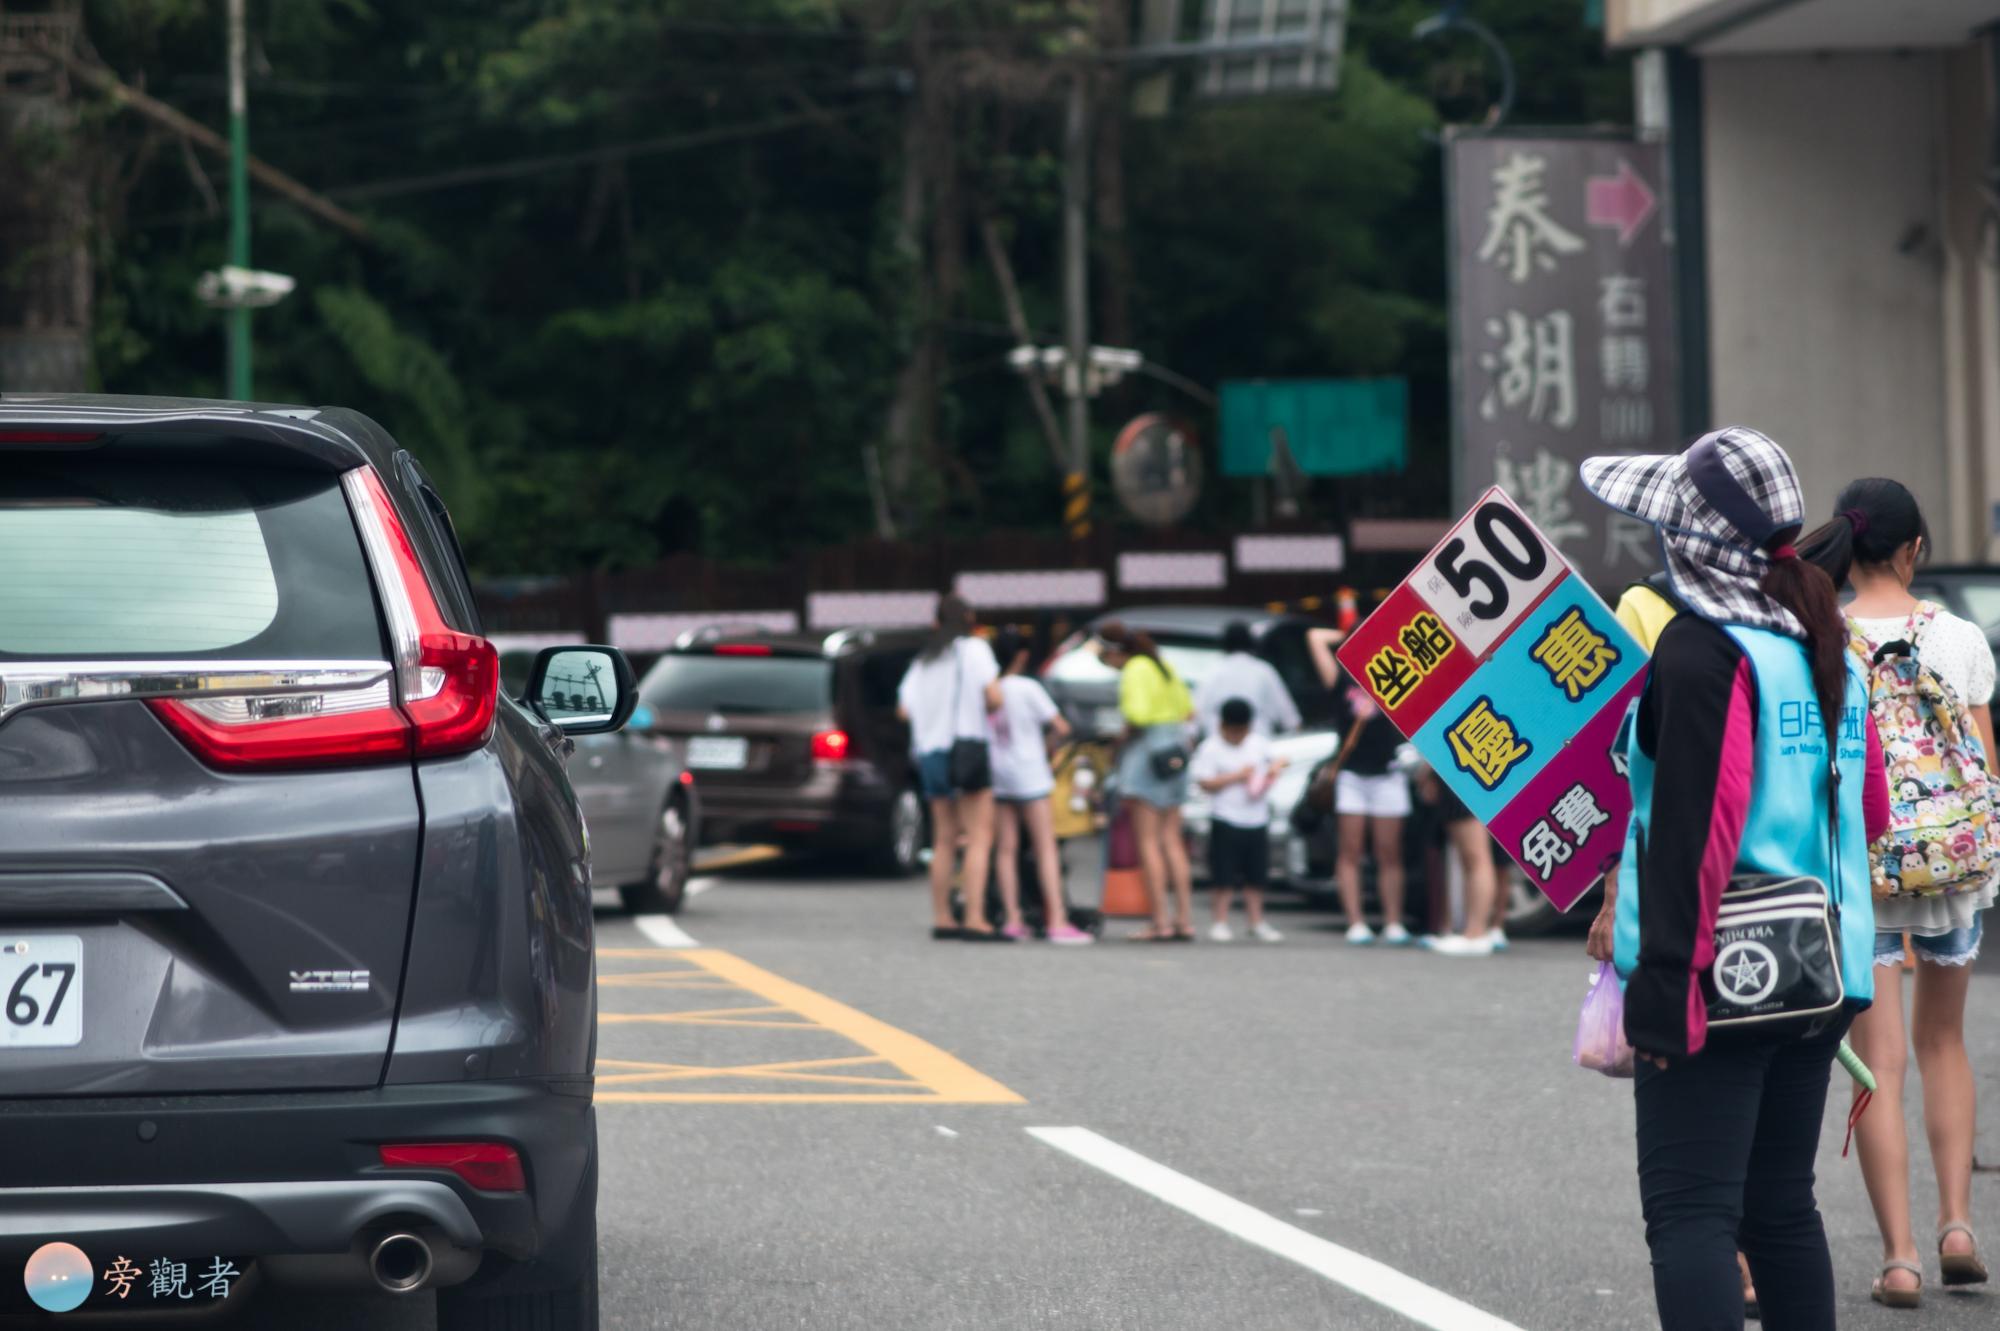 在日月潭環湖公路邊舉著船票銷售廣告牌的人。南投魚池